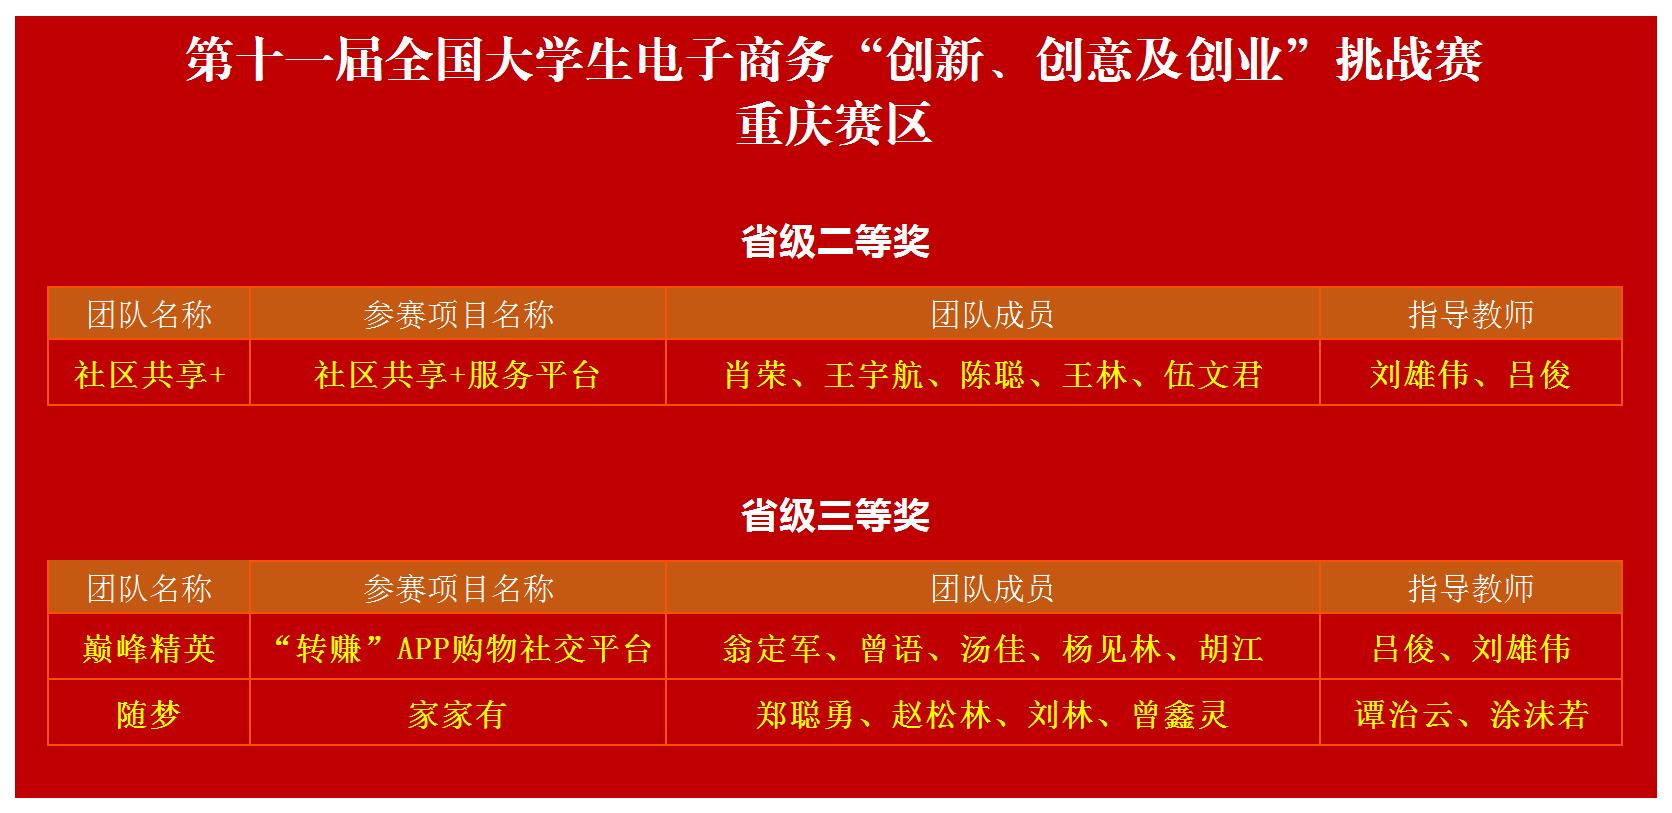 """【喜报】工商管理学院在第十一届全国大学生电子商务""""创新、创意及创业""""挑战赛重庆赛区选拔赛喜获佳绩"""